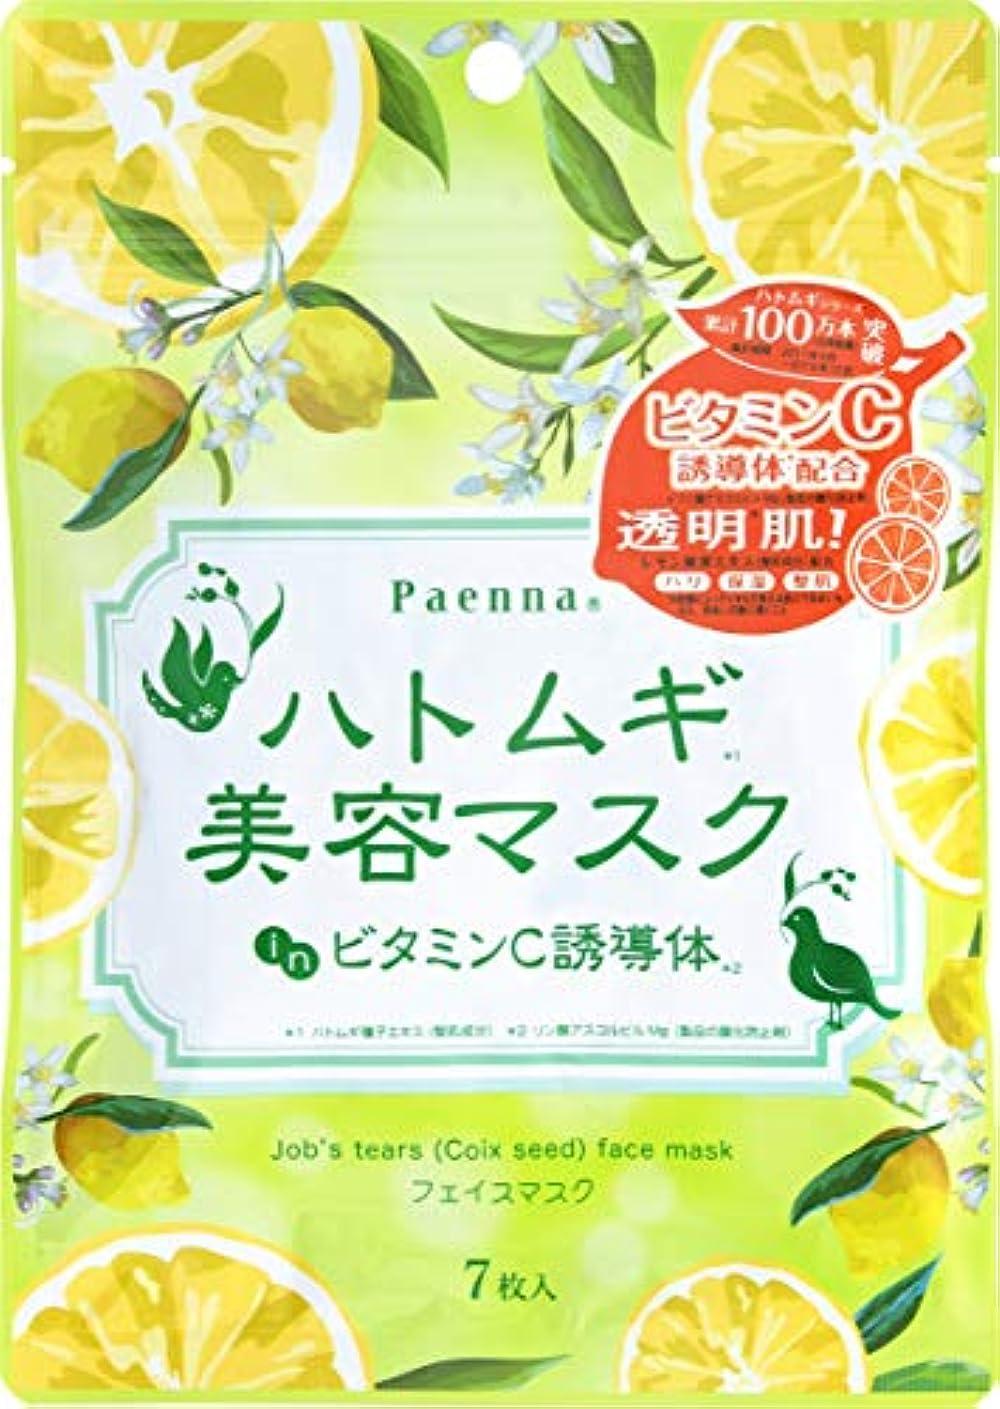 イベント彼女の扱いやすいパエンナ ハトムギ美容マスク inビタミンC誘導体 7枚(90ml)